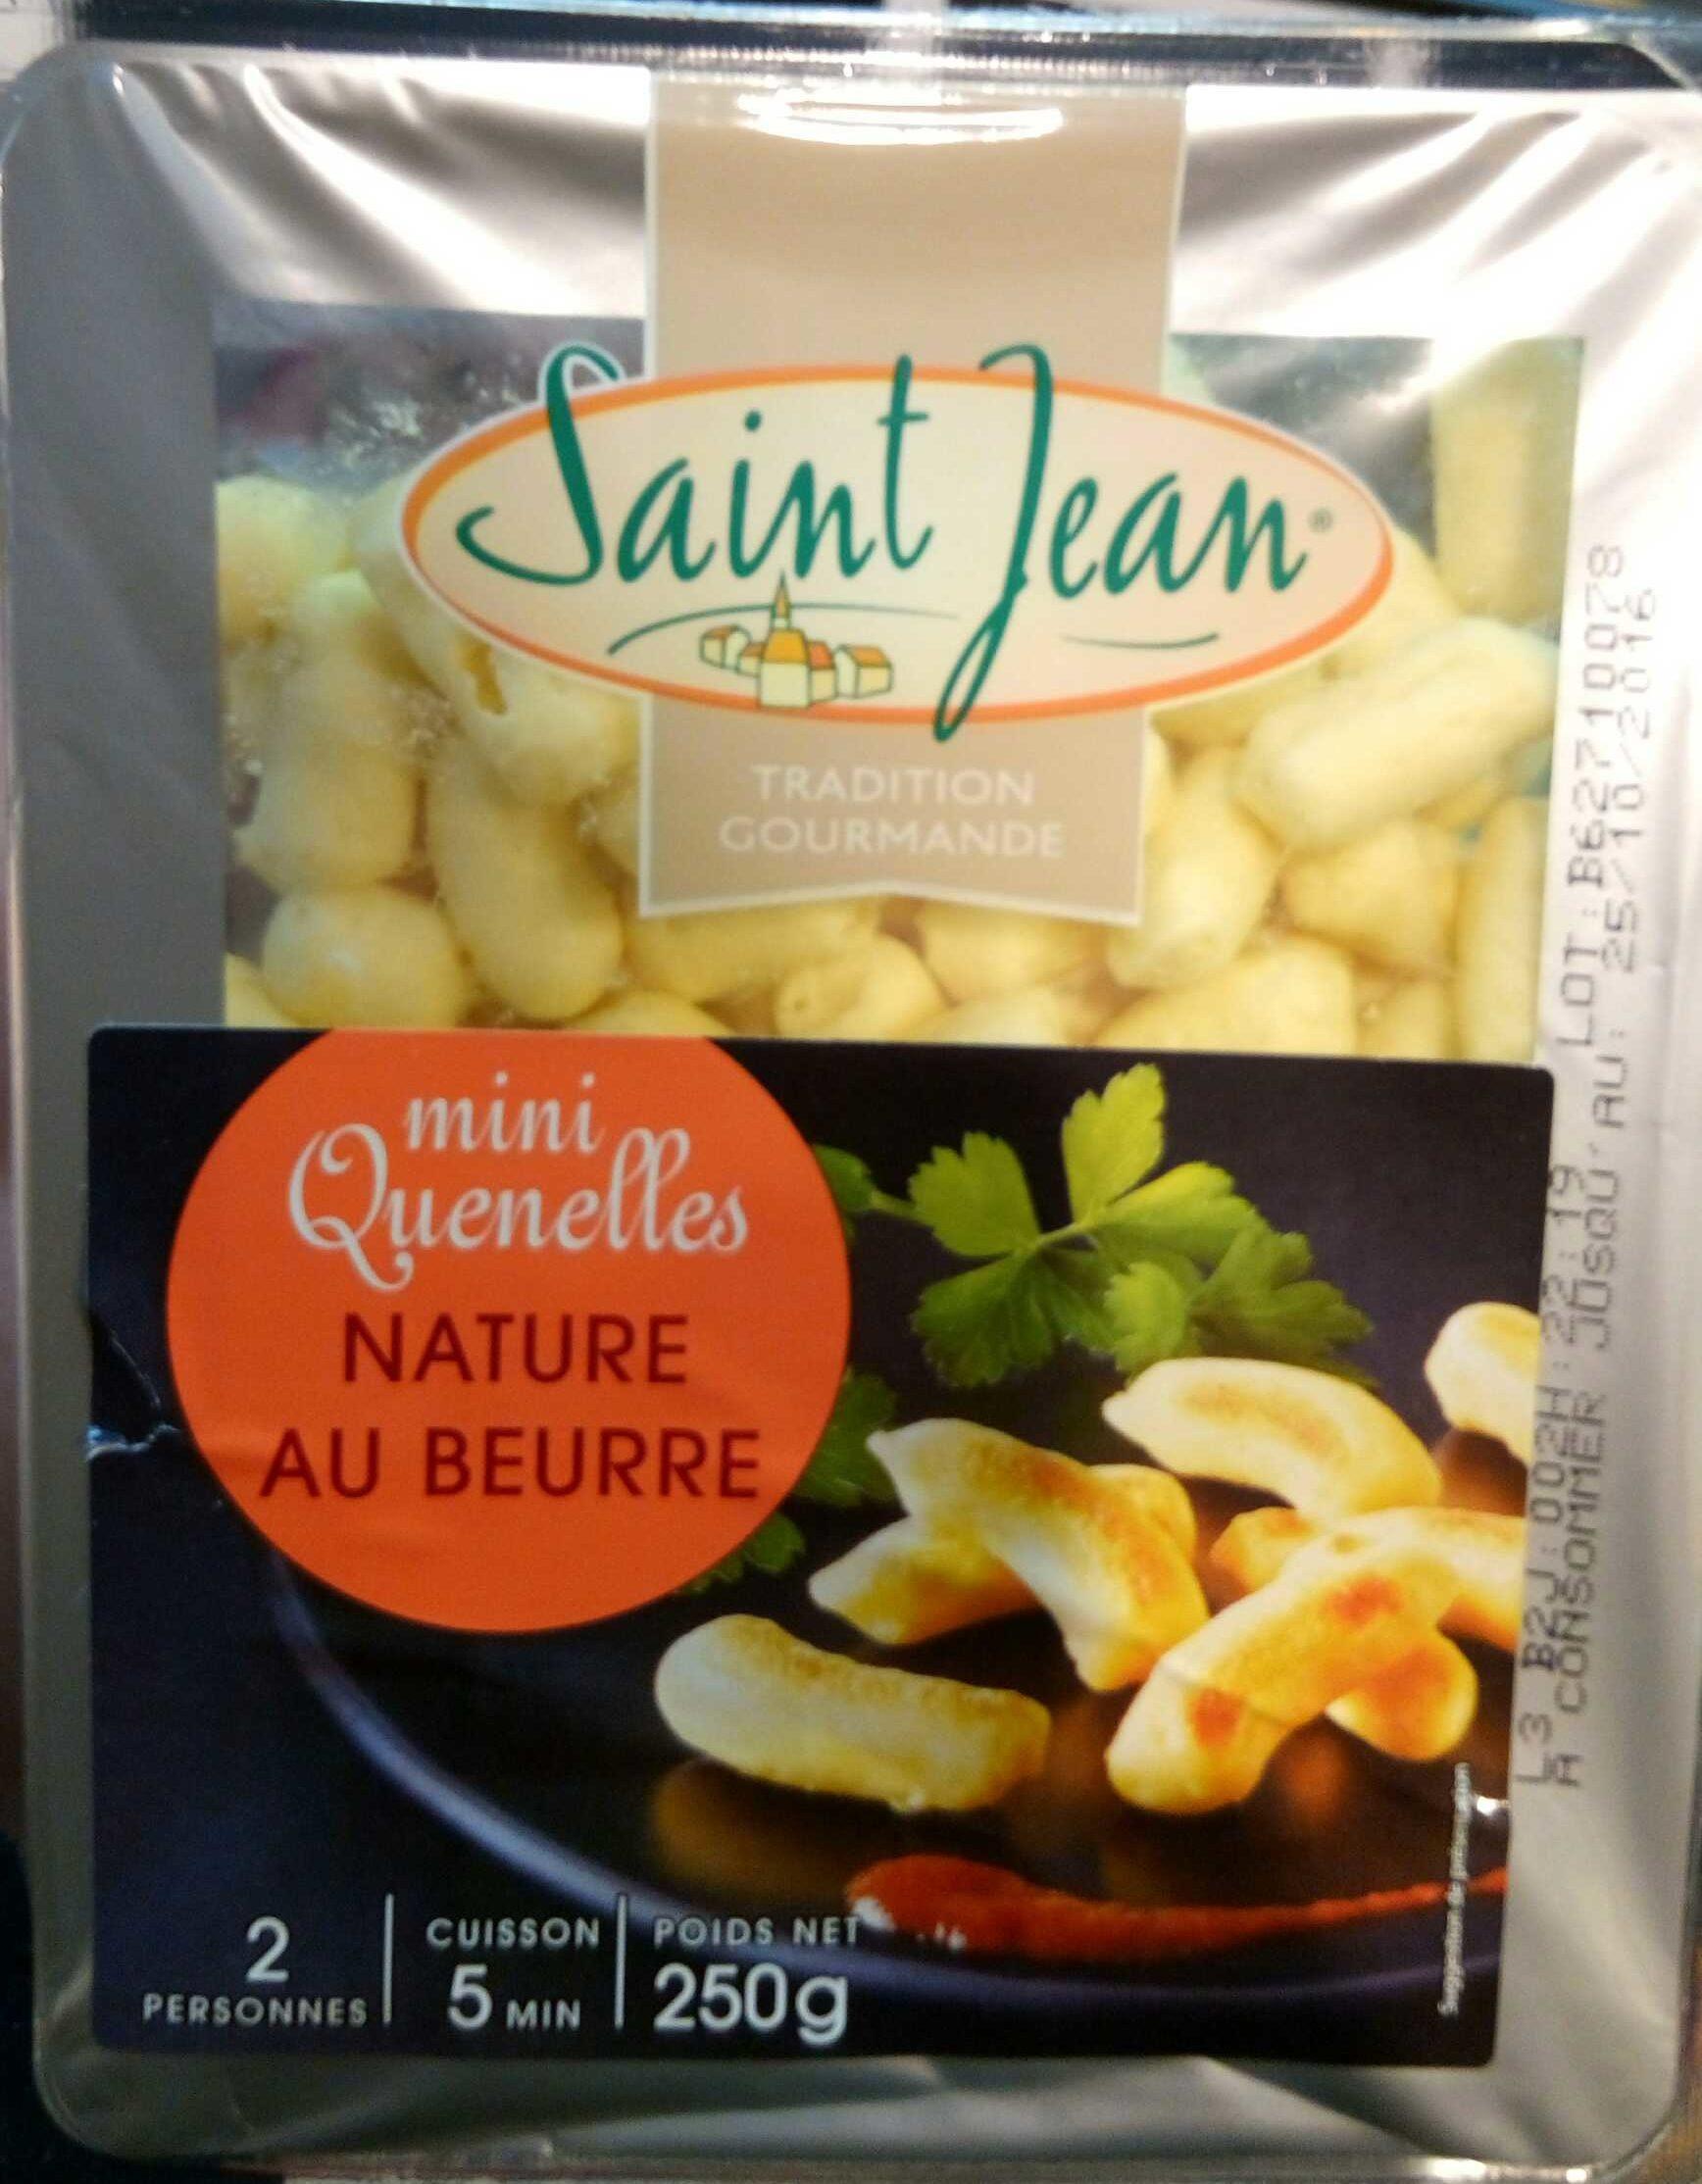 Mini quenelles nature au beurre - Produit